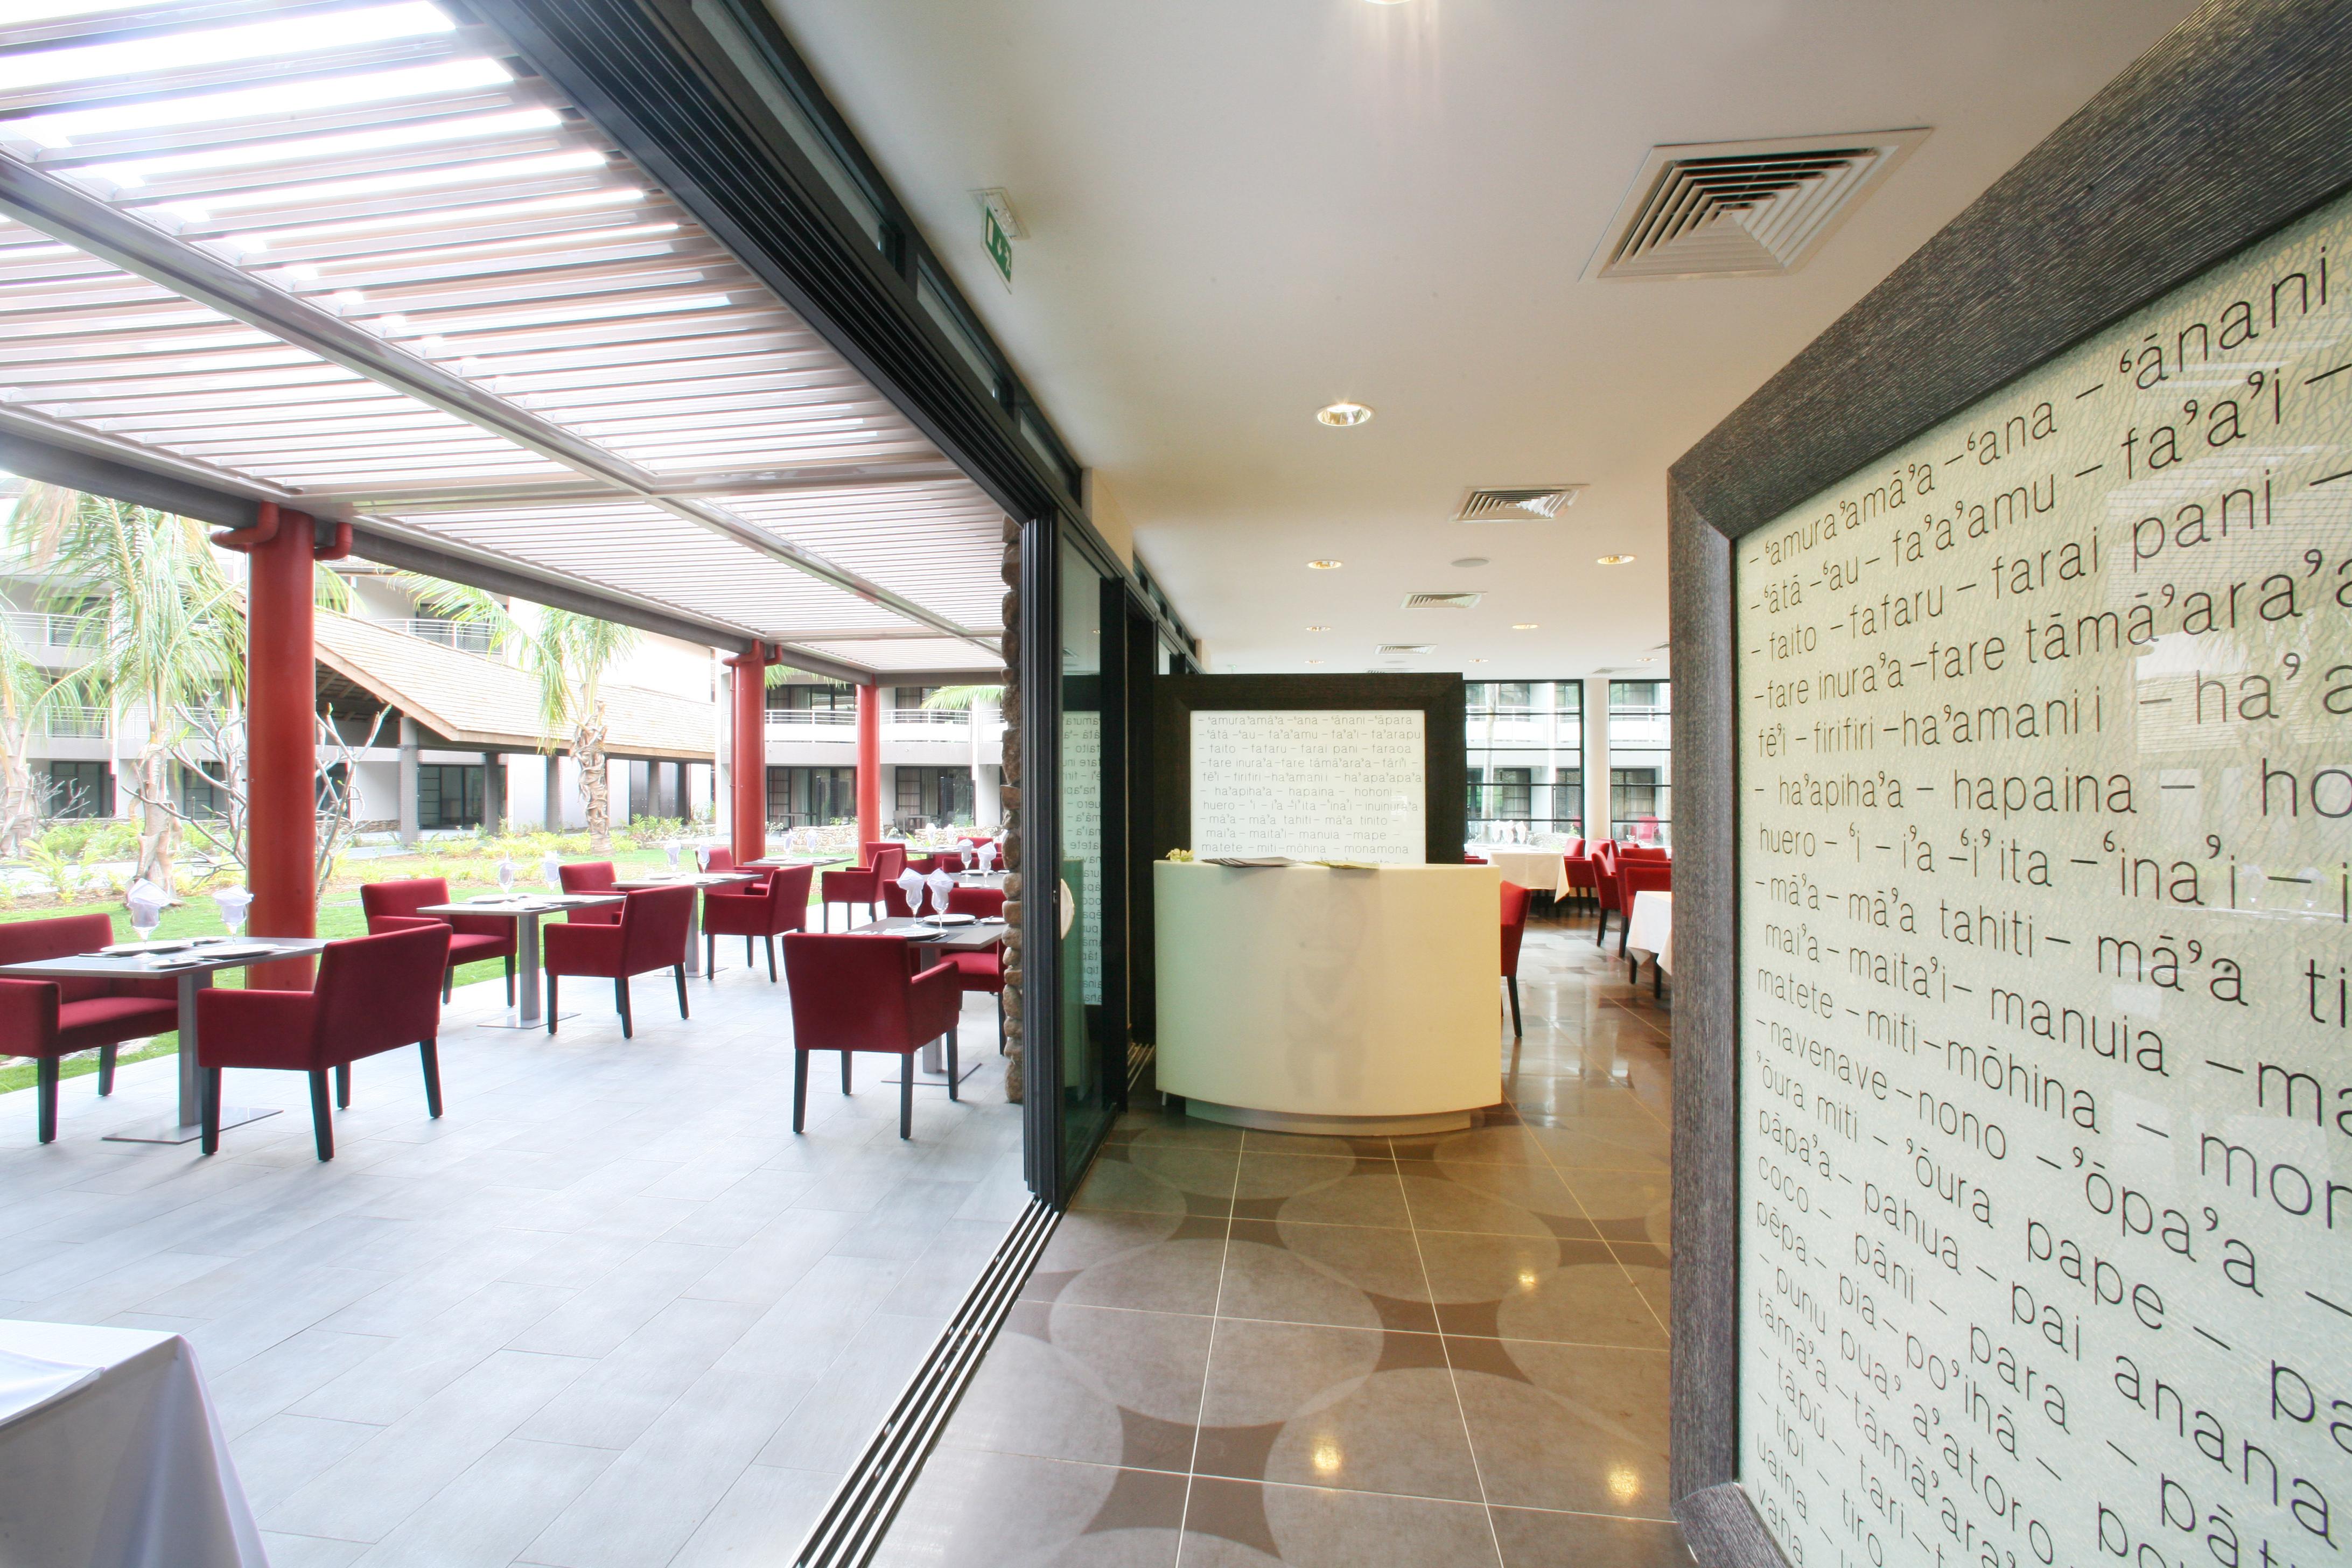 https://tahititourisme.mx/wp-content/uploads/2018/03/RESTAURATION-Vaitohi-Restaurant-3.jpg